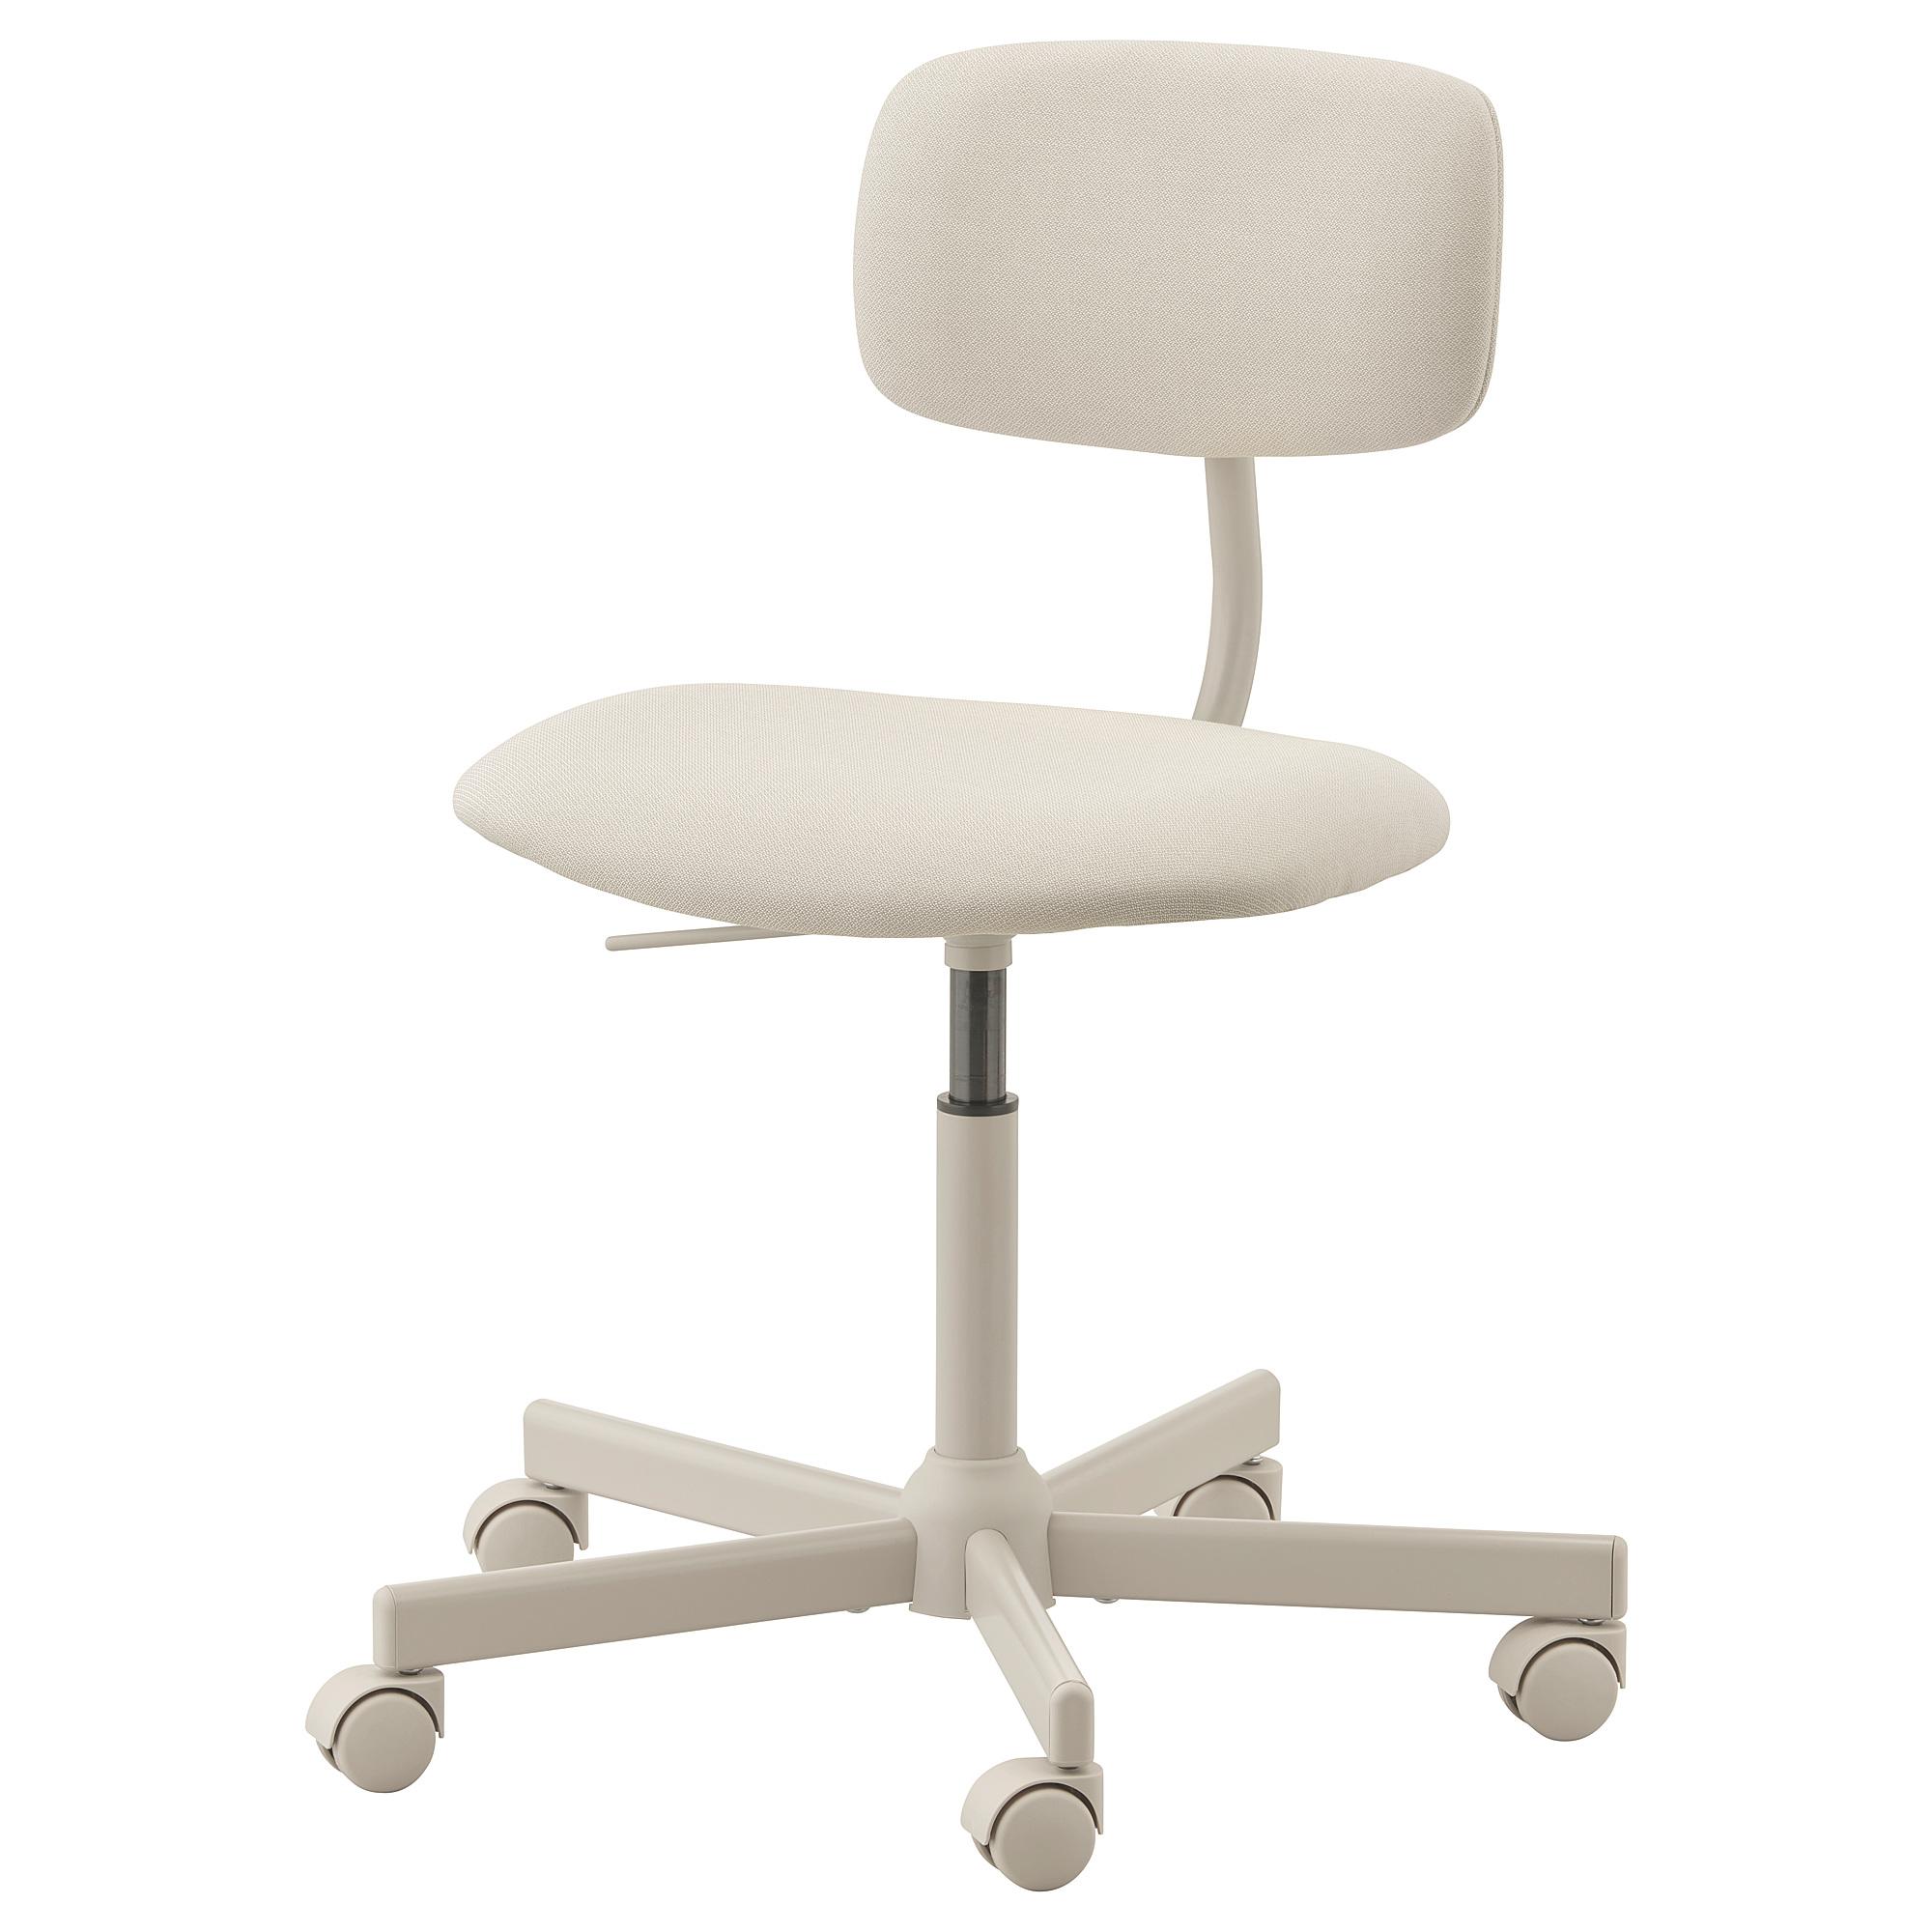 旋轉椅, , idekulla 米色, 另有其他顏色